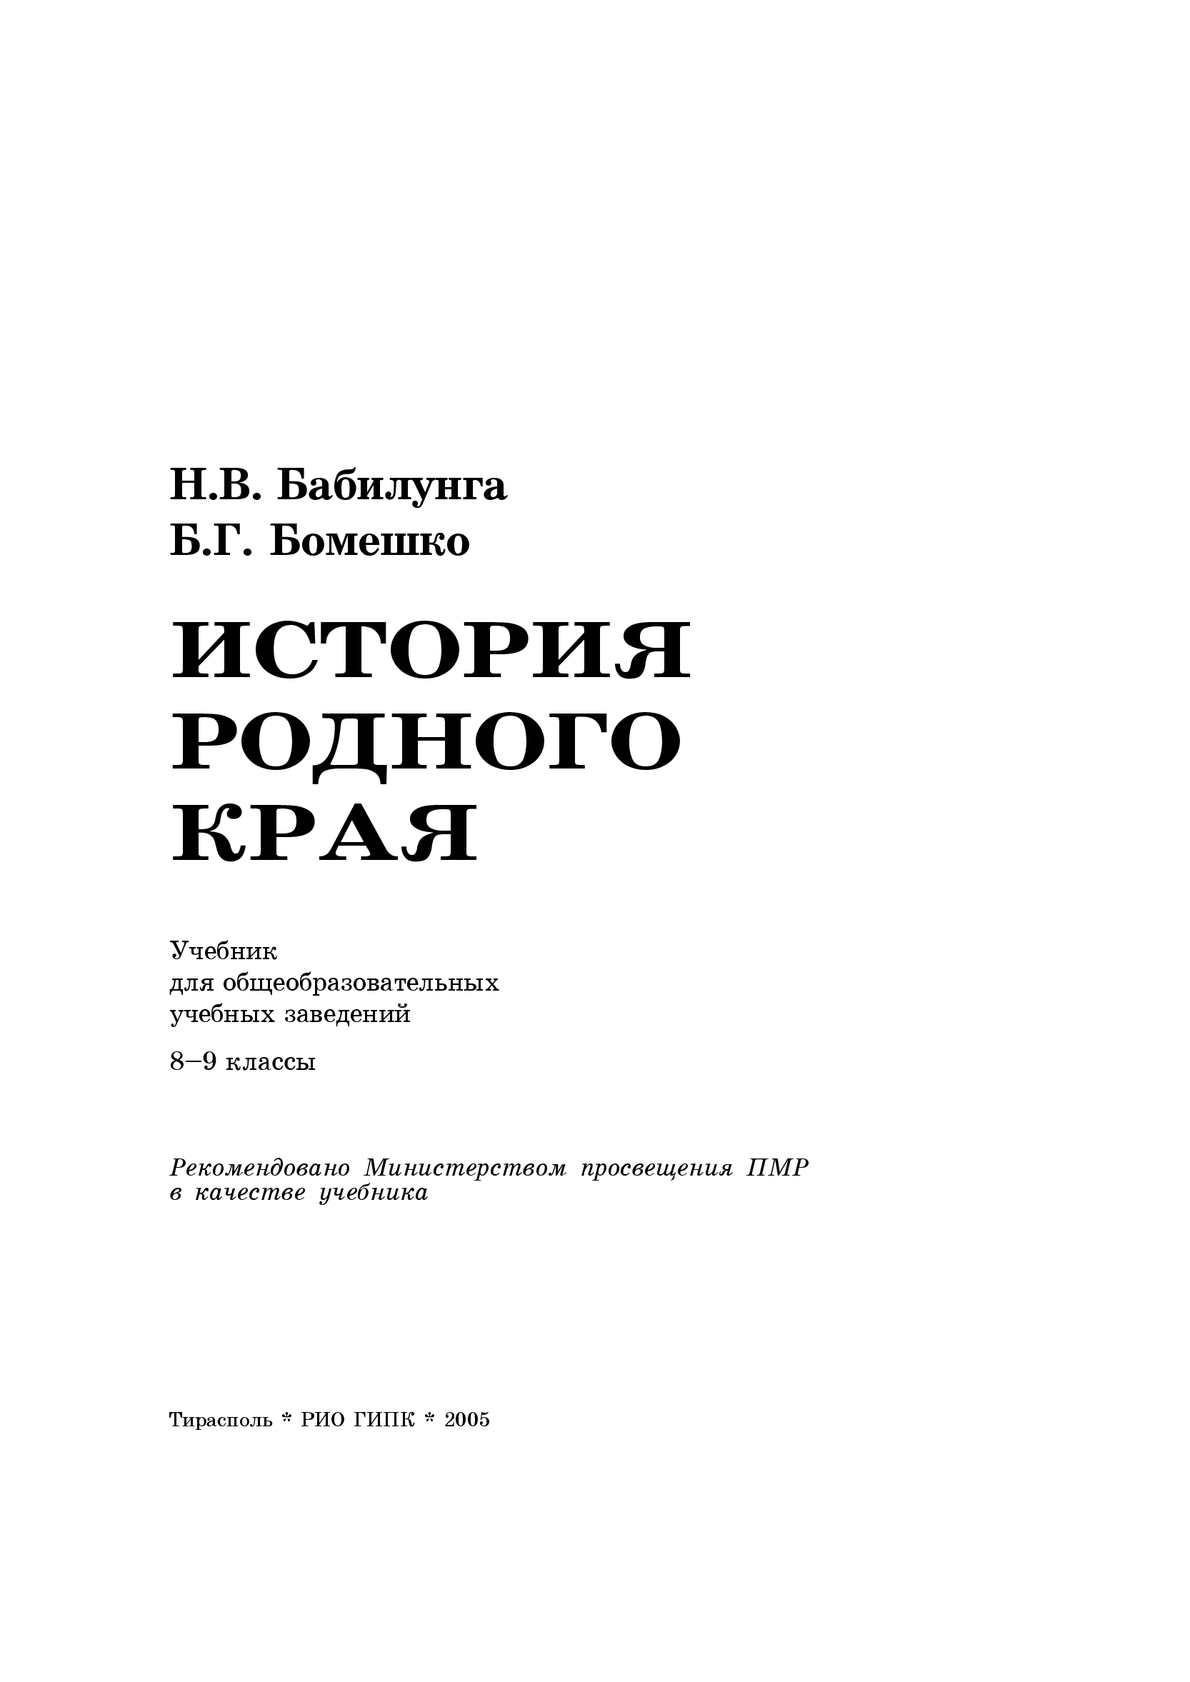 История родного края: Учебник для общеобразовательных учебных заведений. 8-9 кл.